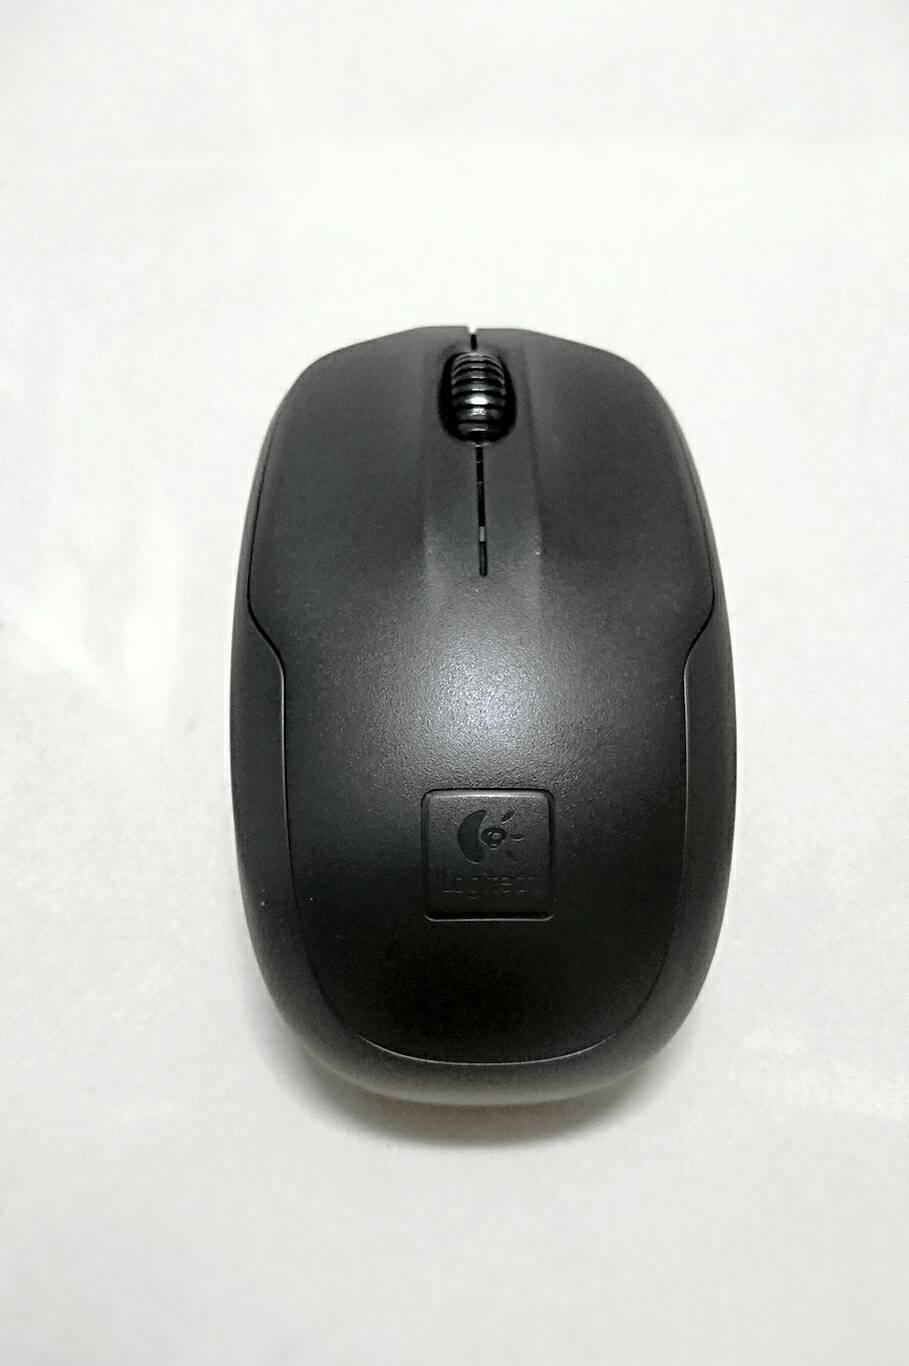 ❤含發票❤團購價❤第一品牌❤有注音❤羅技無線鍵盤滑鼠組❤電競滑鼠電競鍵盤❤桌上型電腦❤筆記型電腦❤LOL英雄聯盟mk220 3